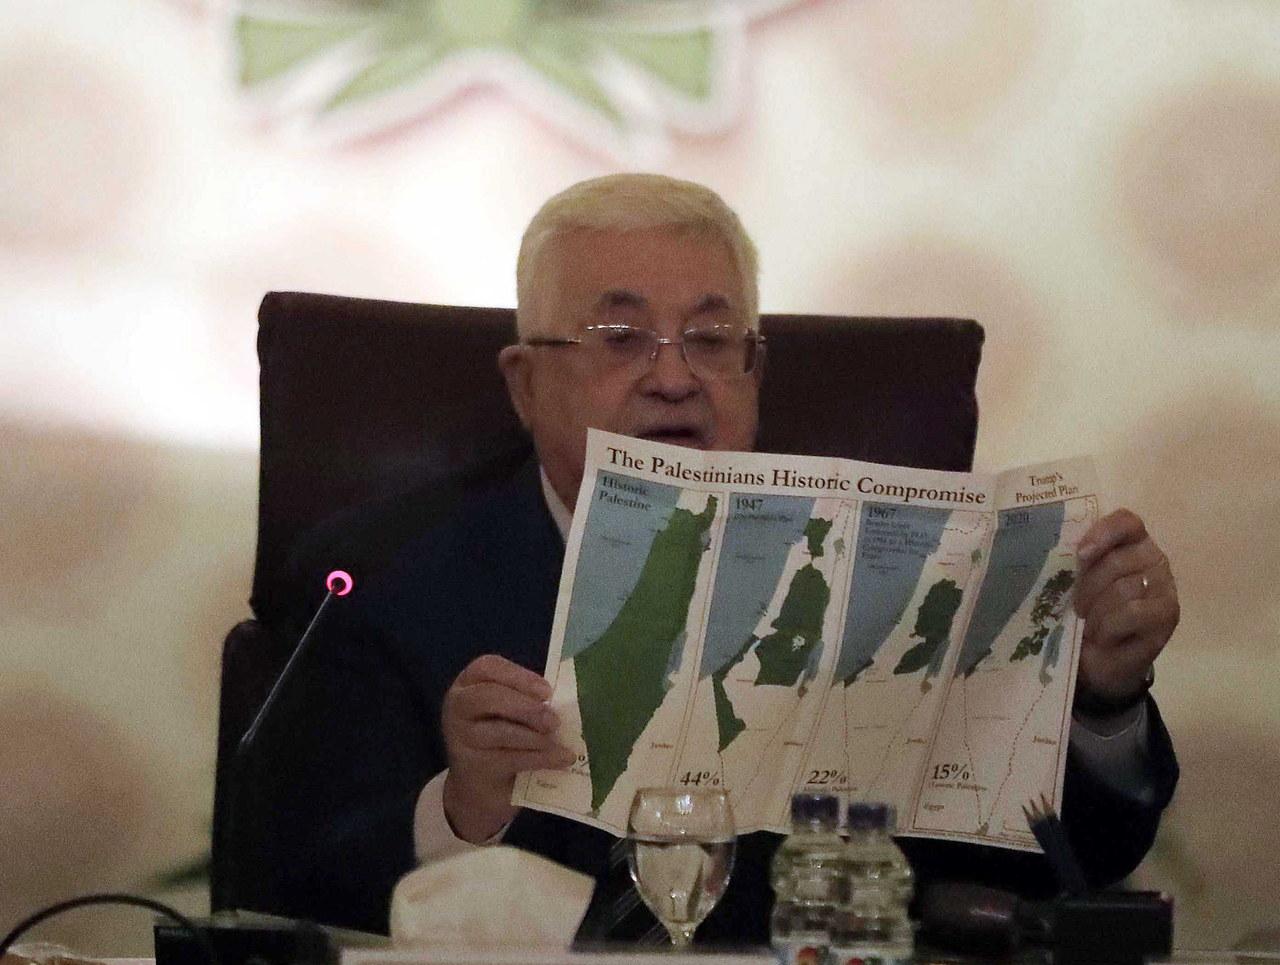 Palestyna zrywa stosunki ze Stanami Zjednoczonymi i Izraelem